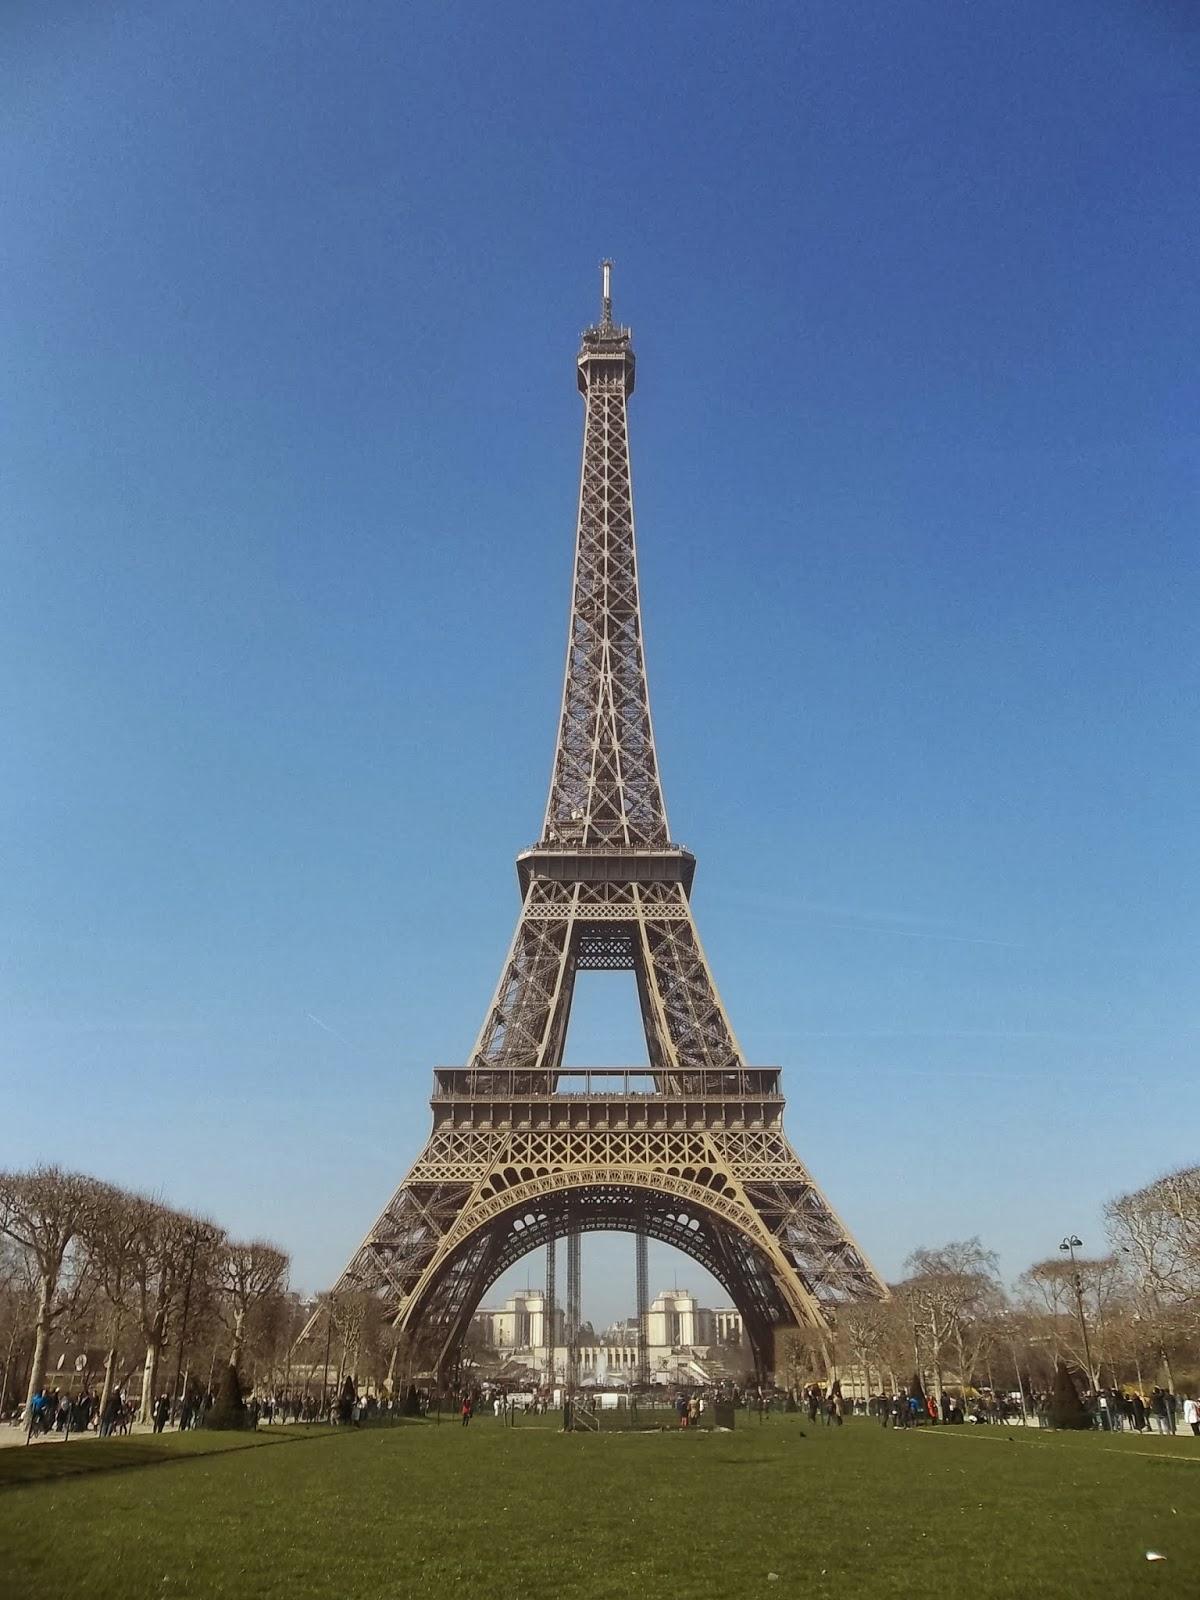 Gambar Menara Eiffel Kartun Lucu